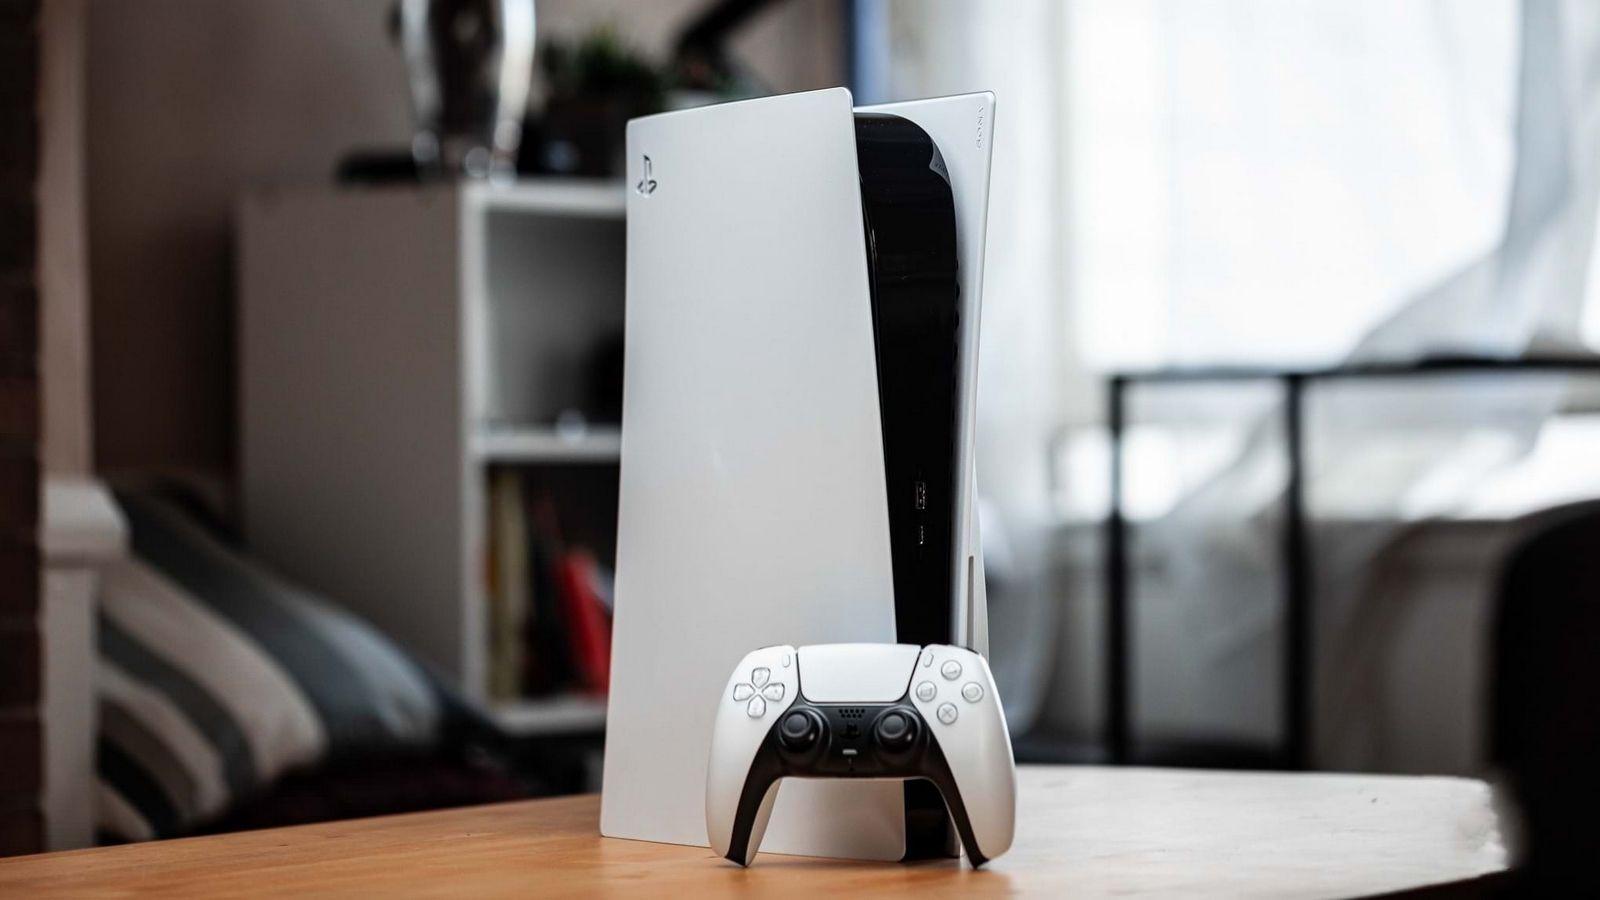 Издание DigiTimes сообщило, что во втором или третьем квартале 2022 года поставщики Sony запустят производство новой модели PS5